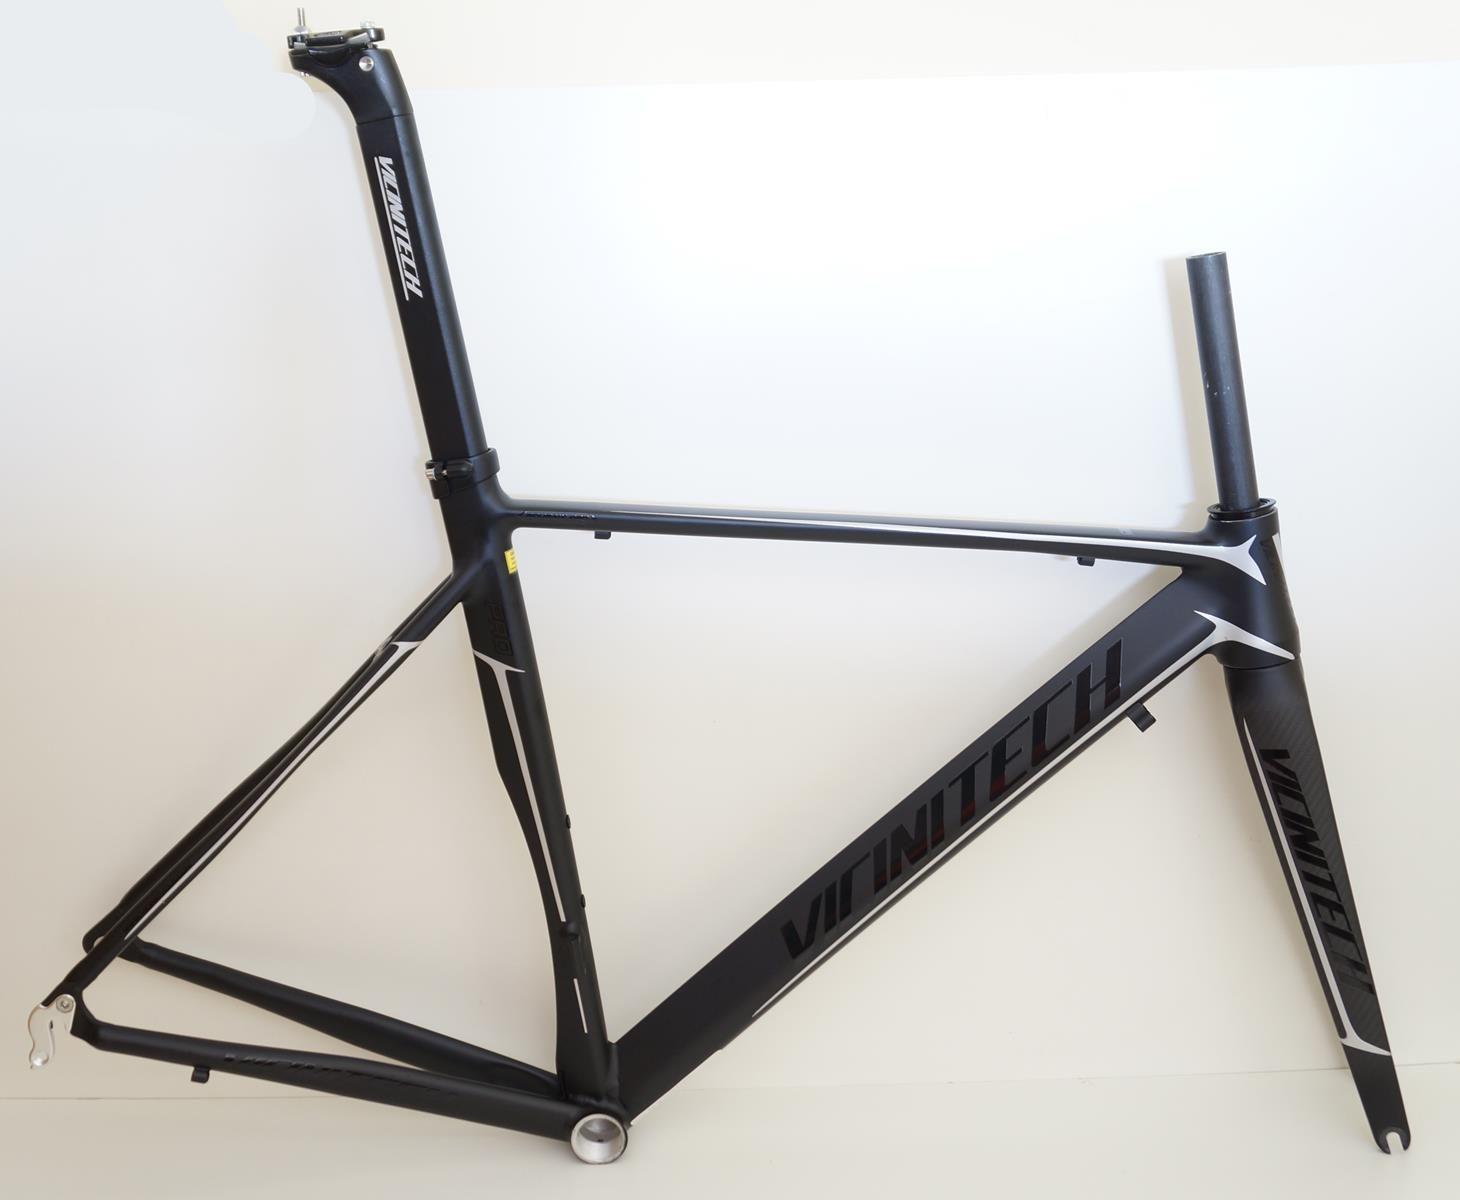 Quadro Speed Vicinitech Roubaix Preto Fosco com Prata em Aluminio Garfo Carbono